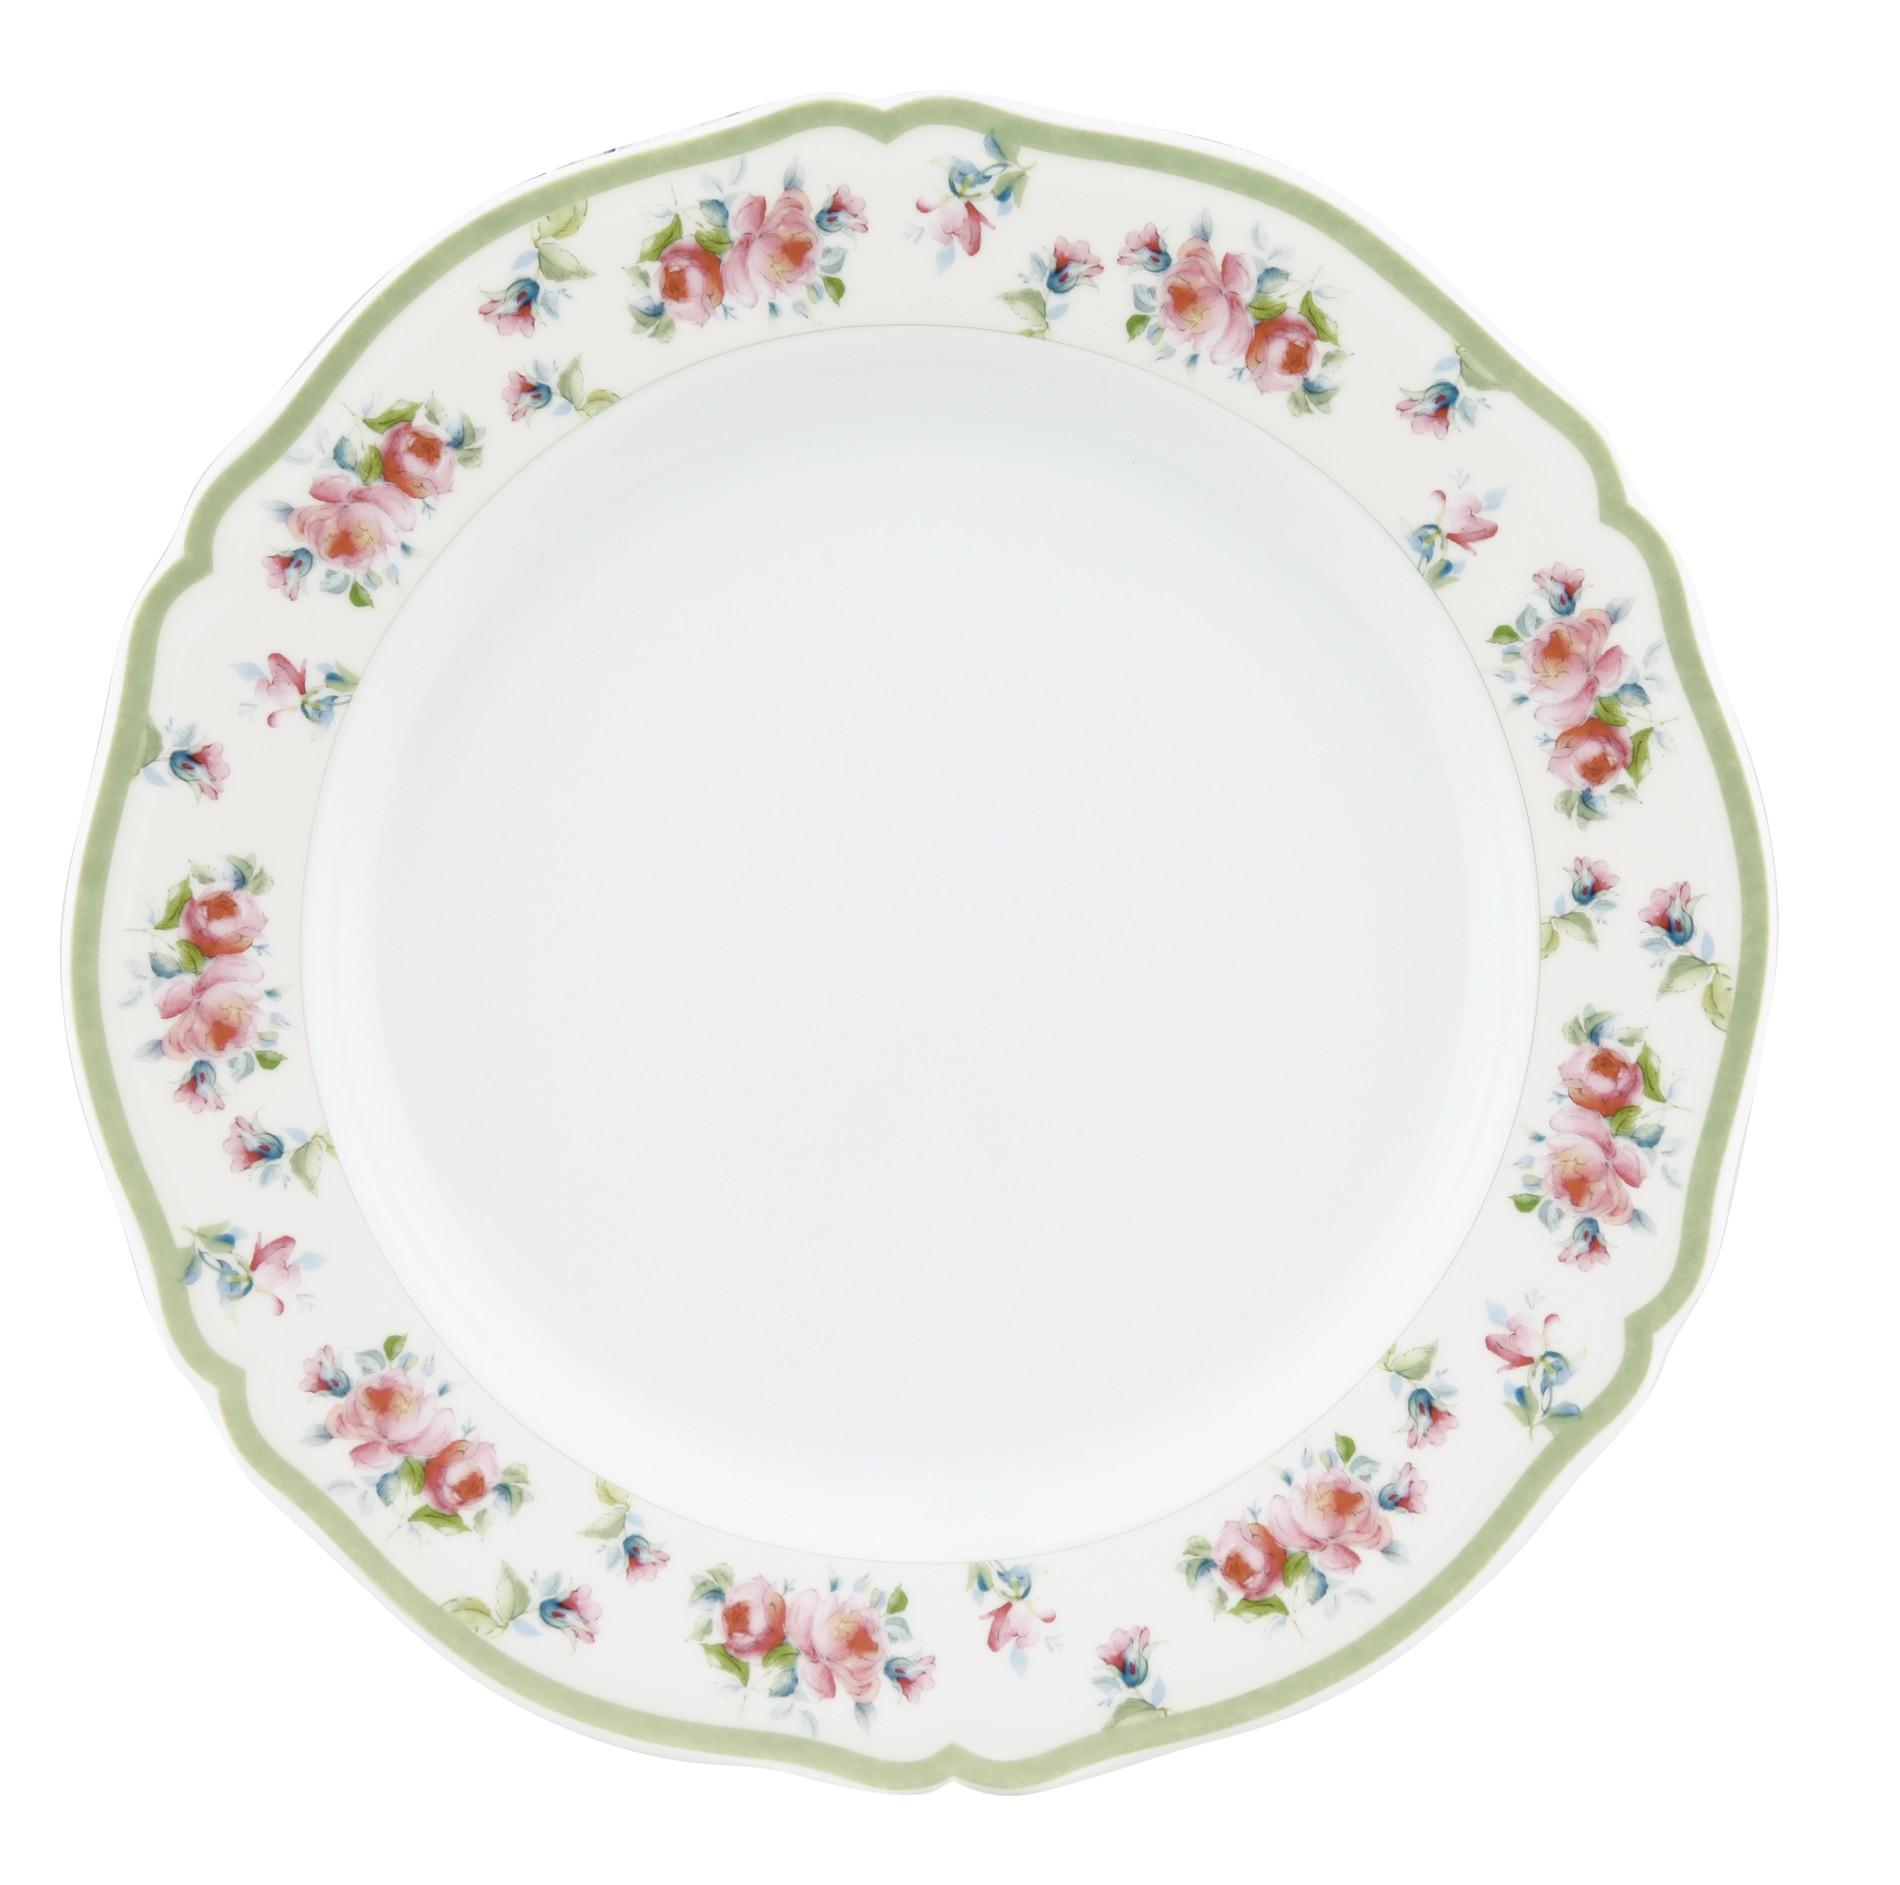 Πιάτο Φρούτου Στρογγυλό Σετ 6Τμχ Romantica 21cm Ionia home   ειδη σερβιρισματος   πιάτα